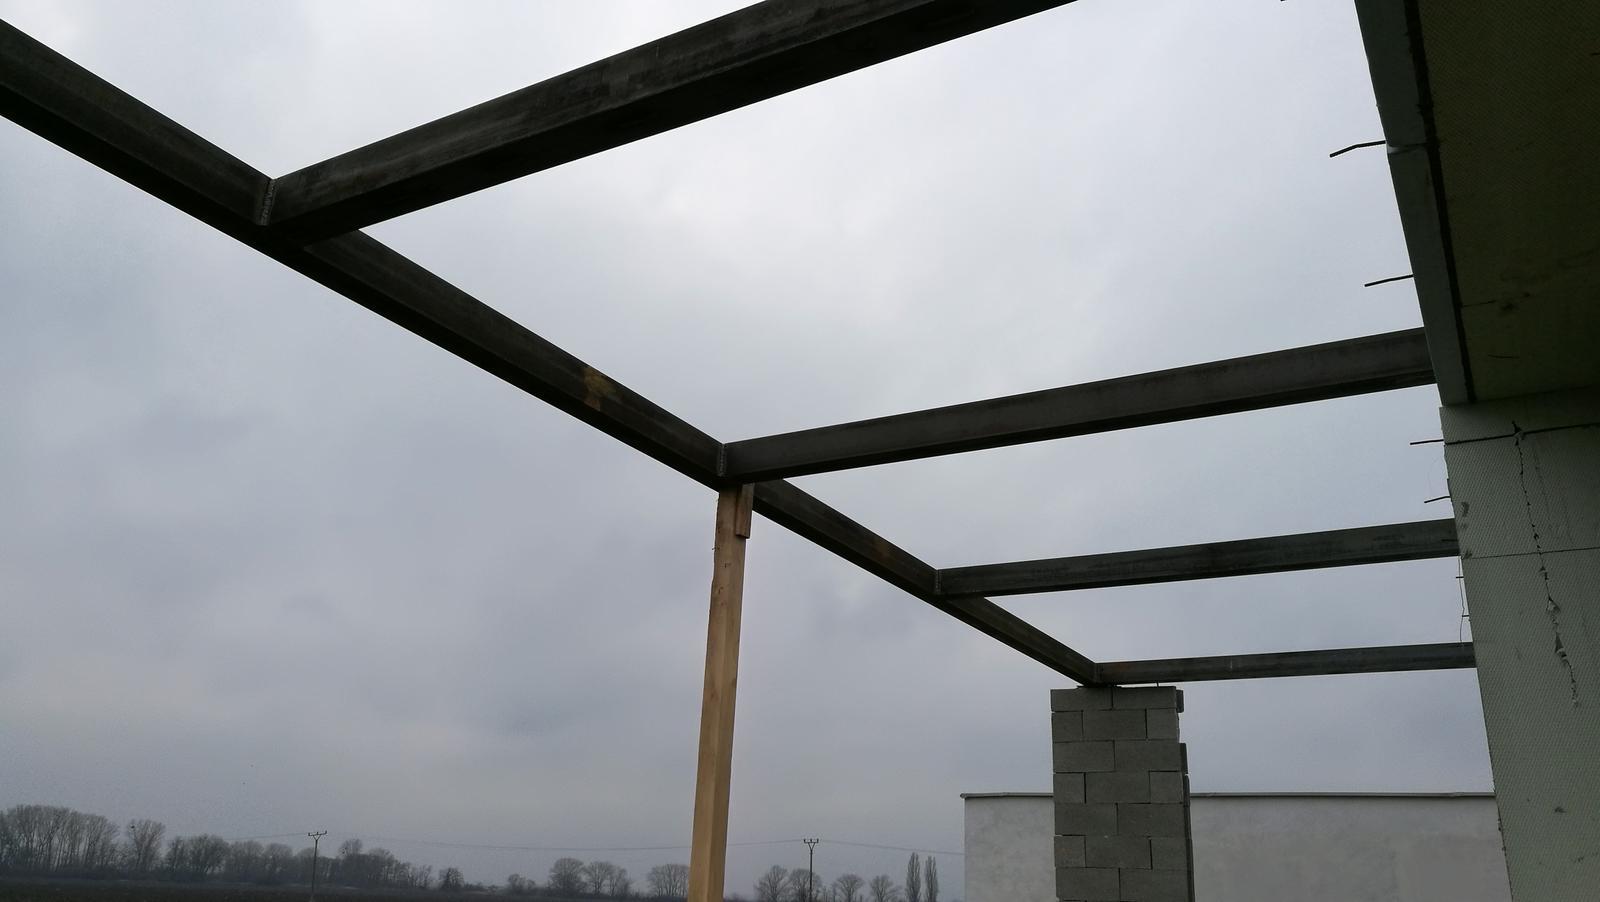 Na pangeroch - Zelezna cast krovu nad terasou.